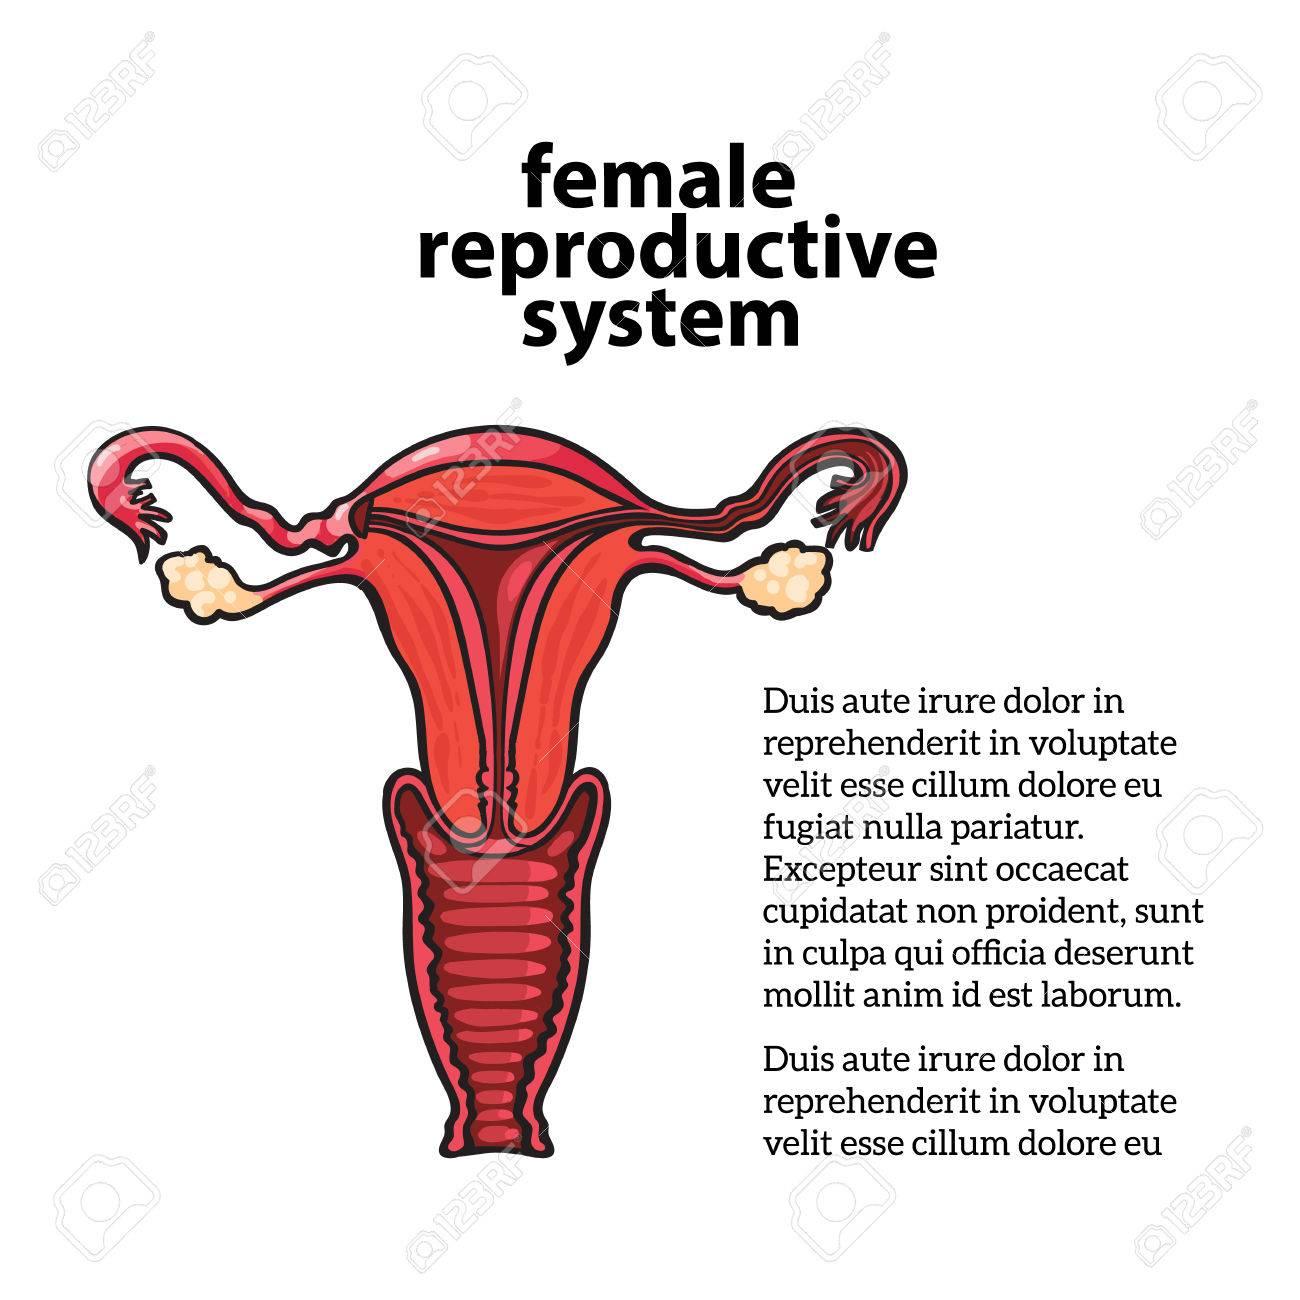 Sistema Reproductivo Femenino, Dibujo Vectorial Ilustración De Mano ...